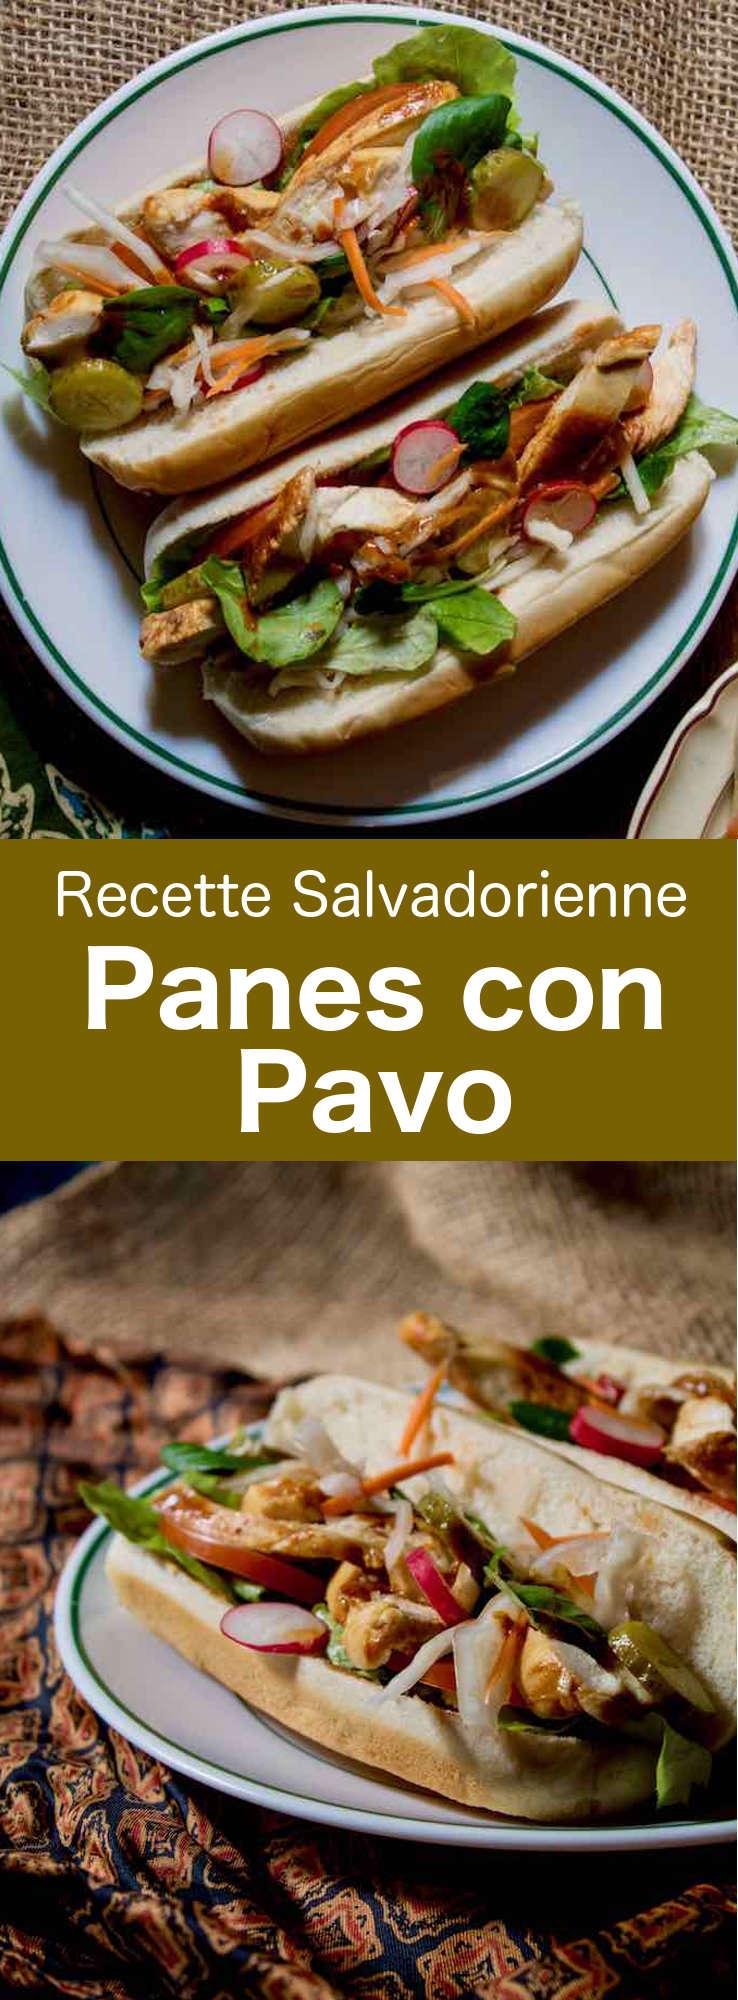 Le panes con pavo est un sandwich traditionnel salvadorien très populaire à base de dinde rôtie et de sa sauce, de légumes marinés et de légumes. #Salvador #CuisineSalvadorienne #AmeriqueCentrale #CuisineDuMonde #196flavors